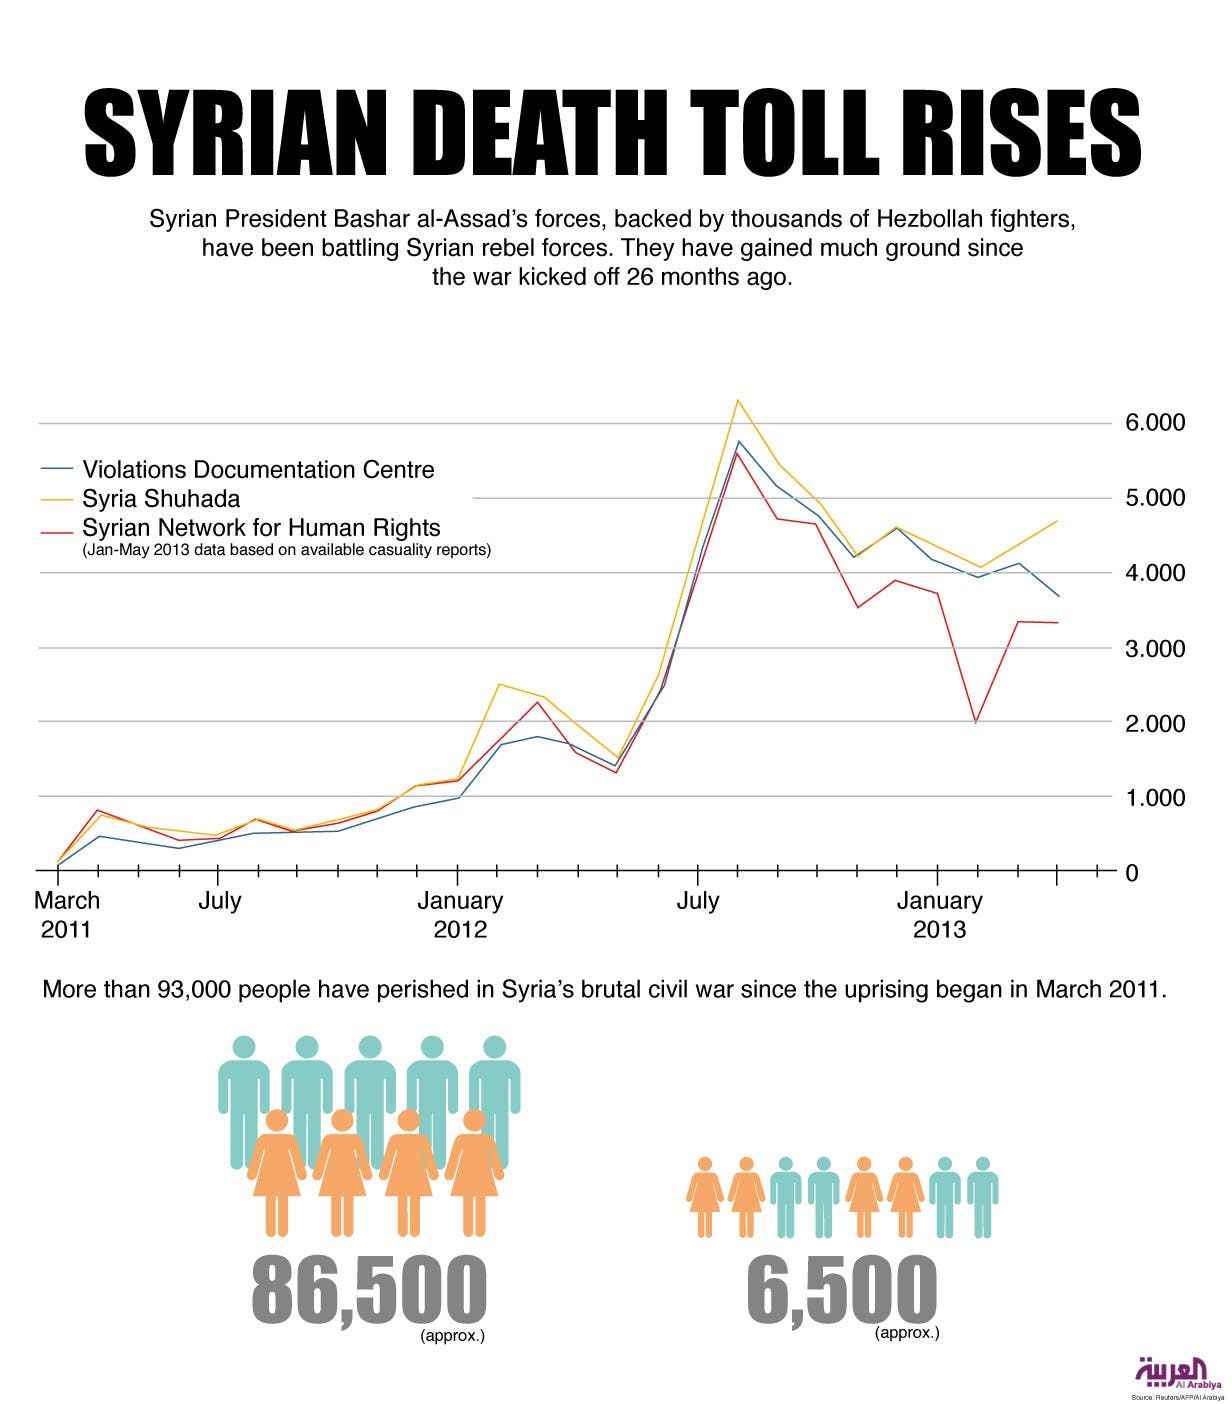 Infographic: Syrian death toll rises (Design by Farwa Rizwan / Al Arabiya English)